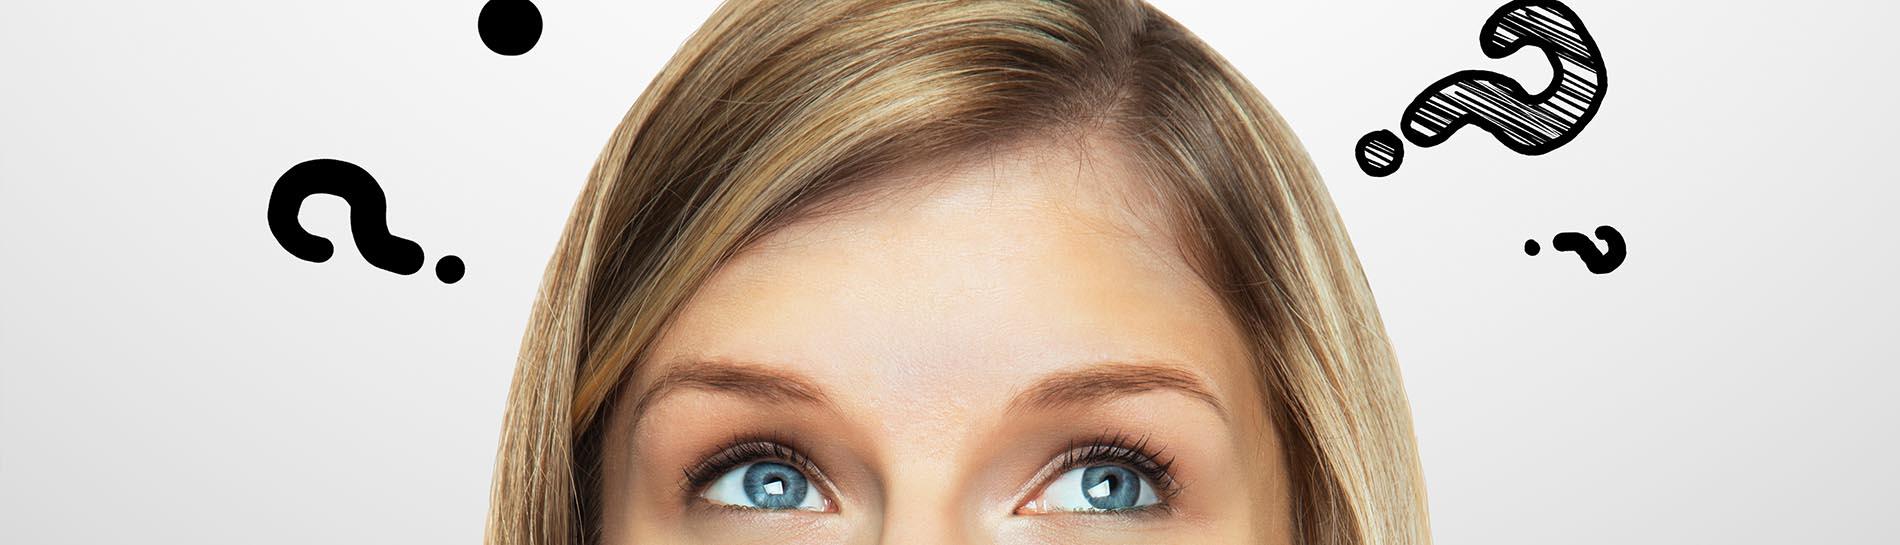 jobb látásjavítás jobb látás 55 év után